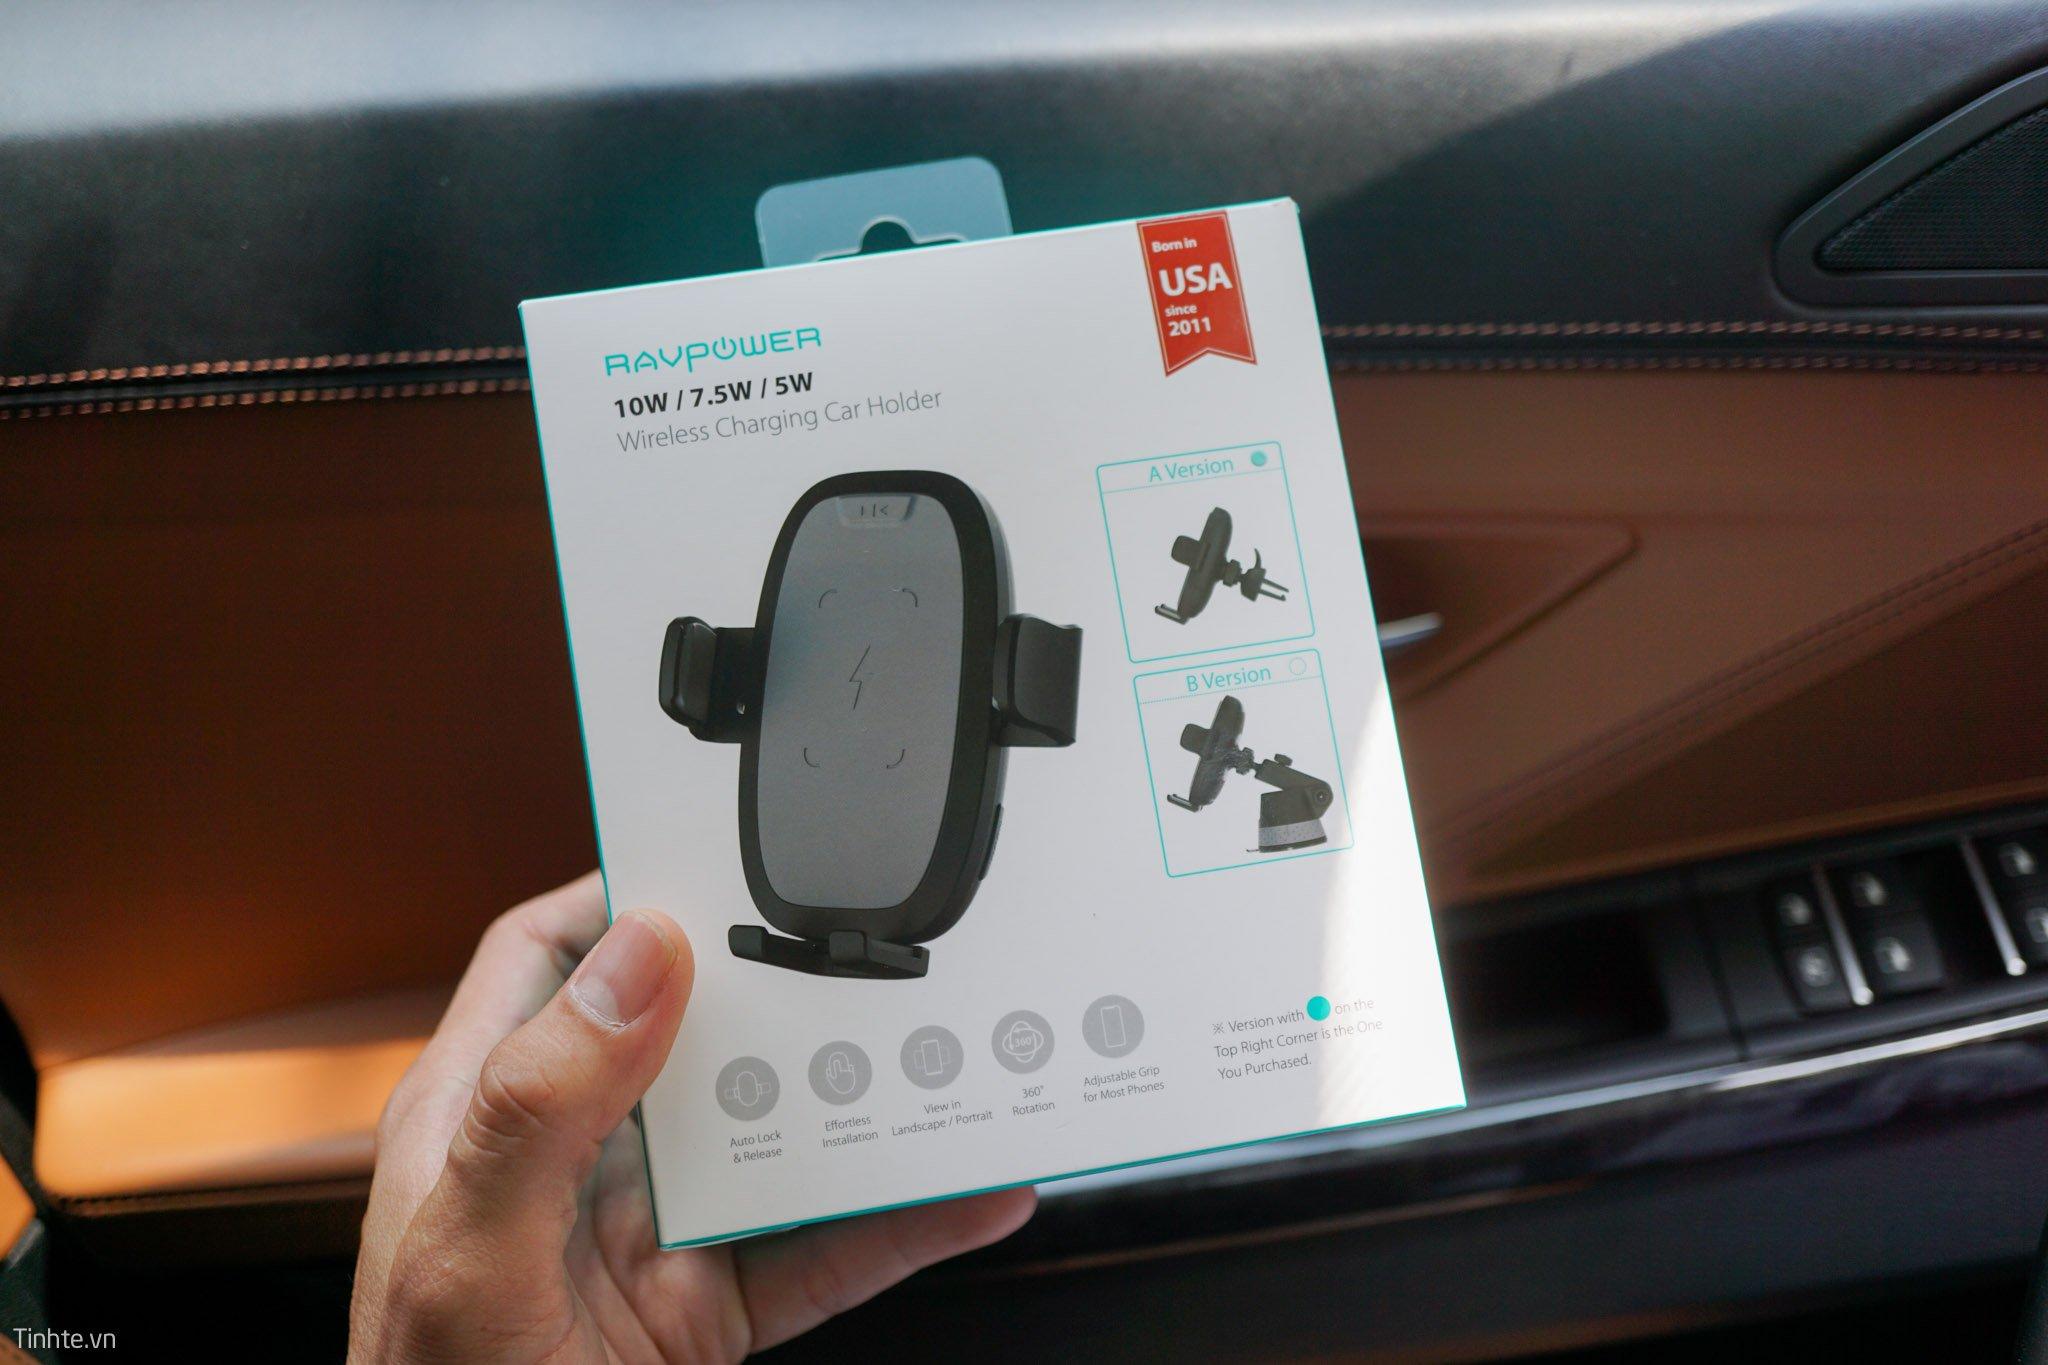 Giá giữ điện thoại kiêm sạc không dây ô tô Ravpower SH014